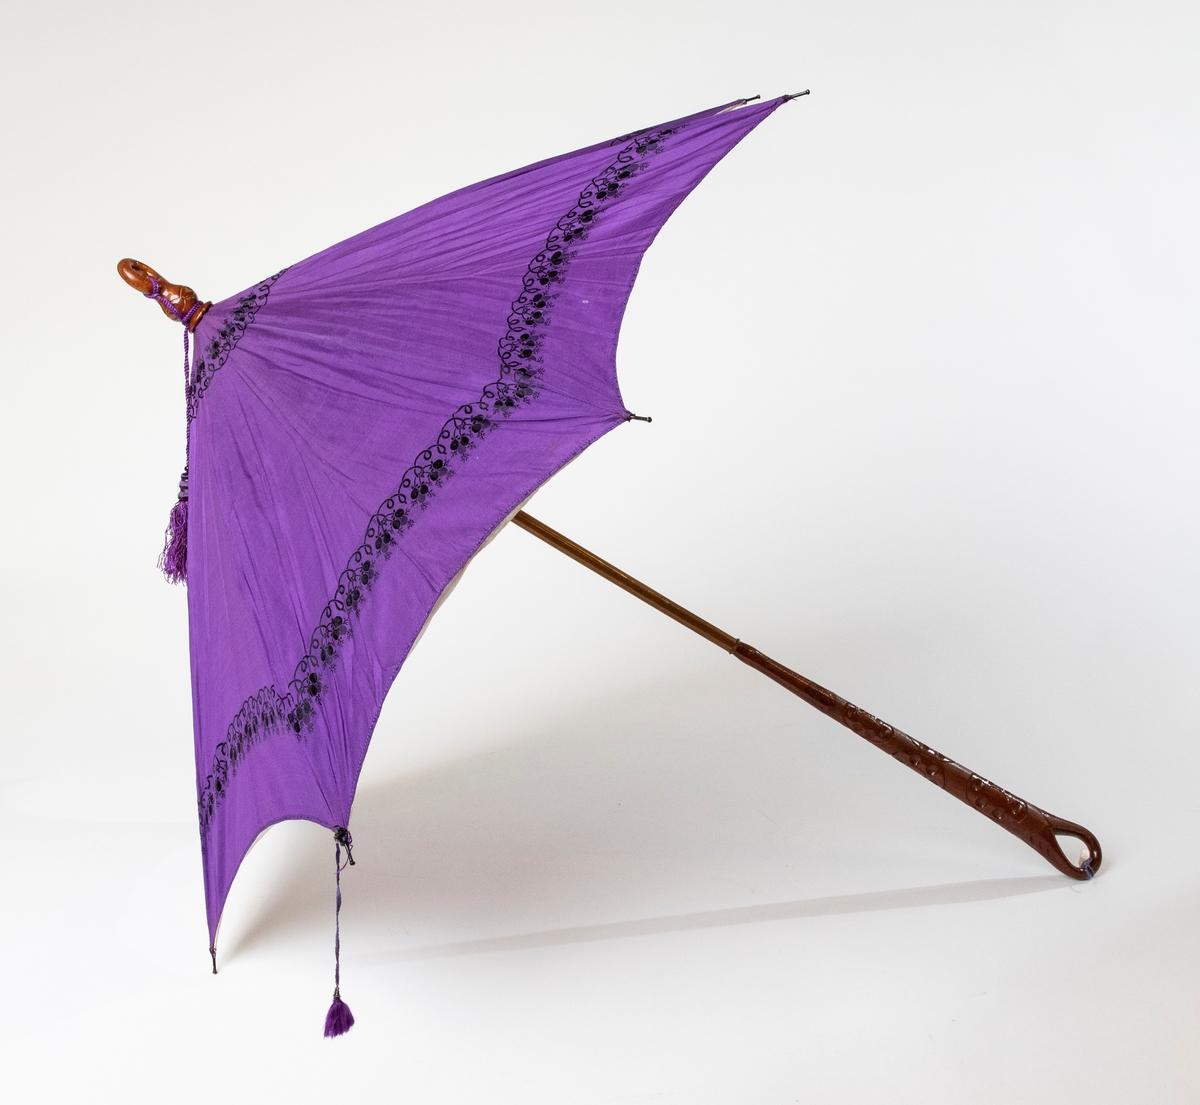 Parasoll av lila siden, ett mönster är invävt i tyget, foder av vitt siden. Handtaget av trä är snidat.